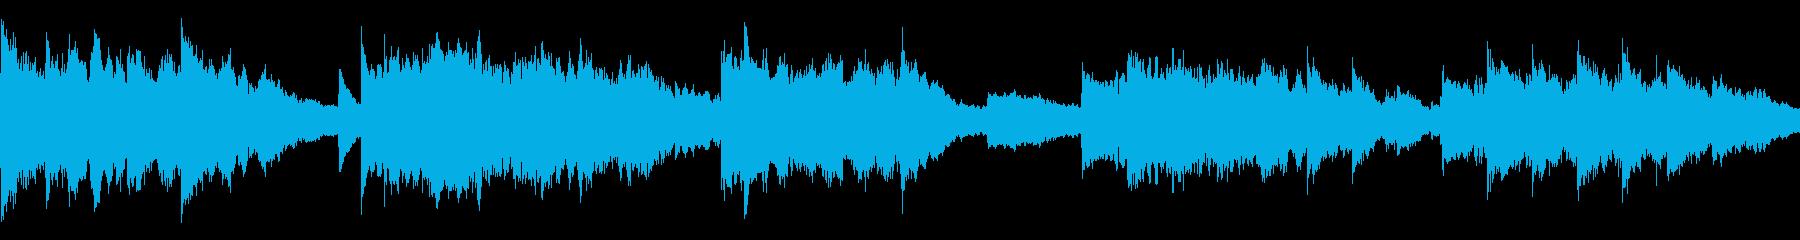 フルートが奏でる優しいメロディーの...の再生済みの波形